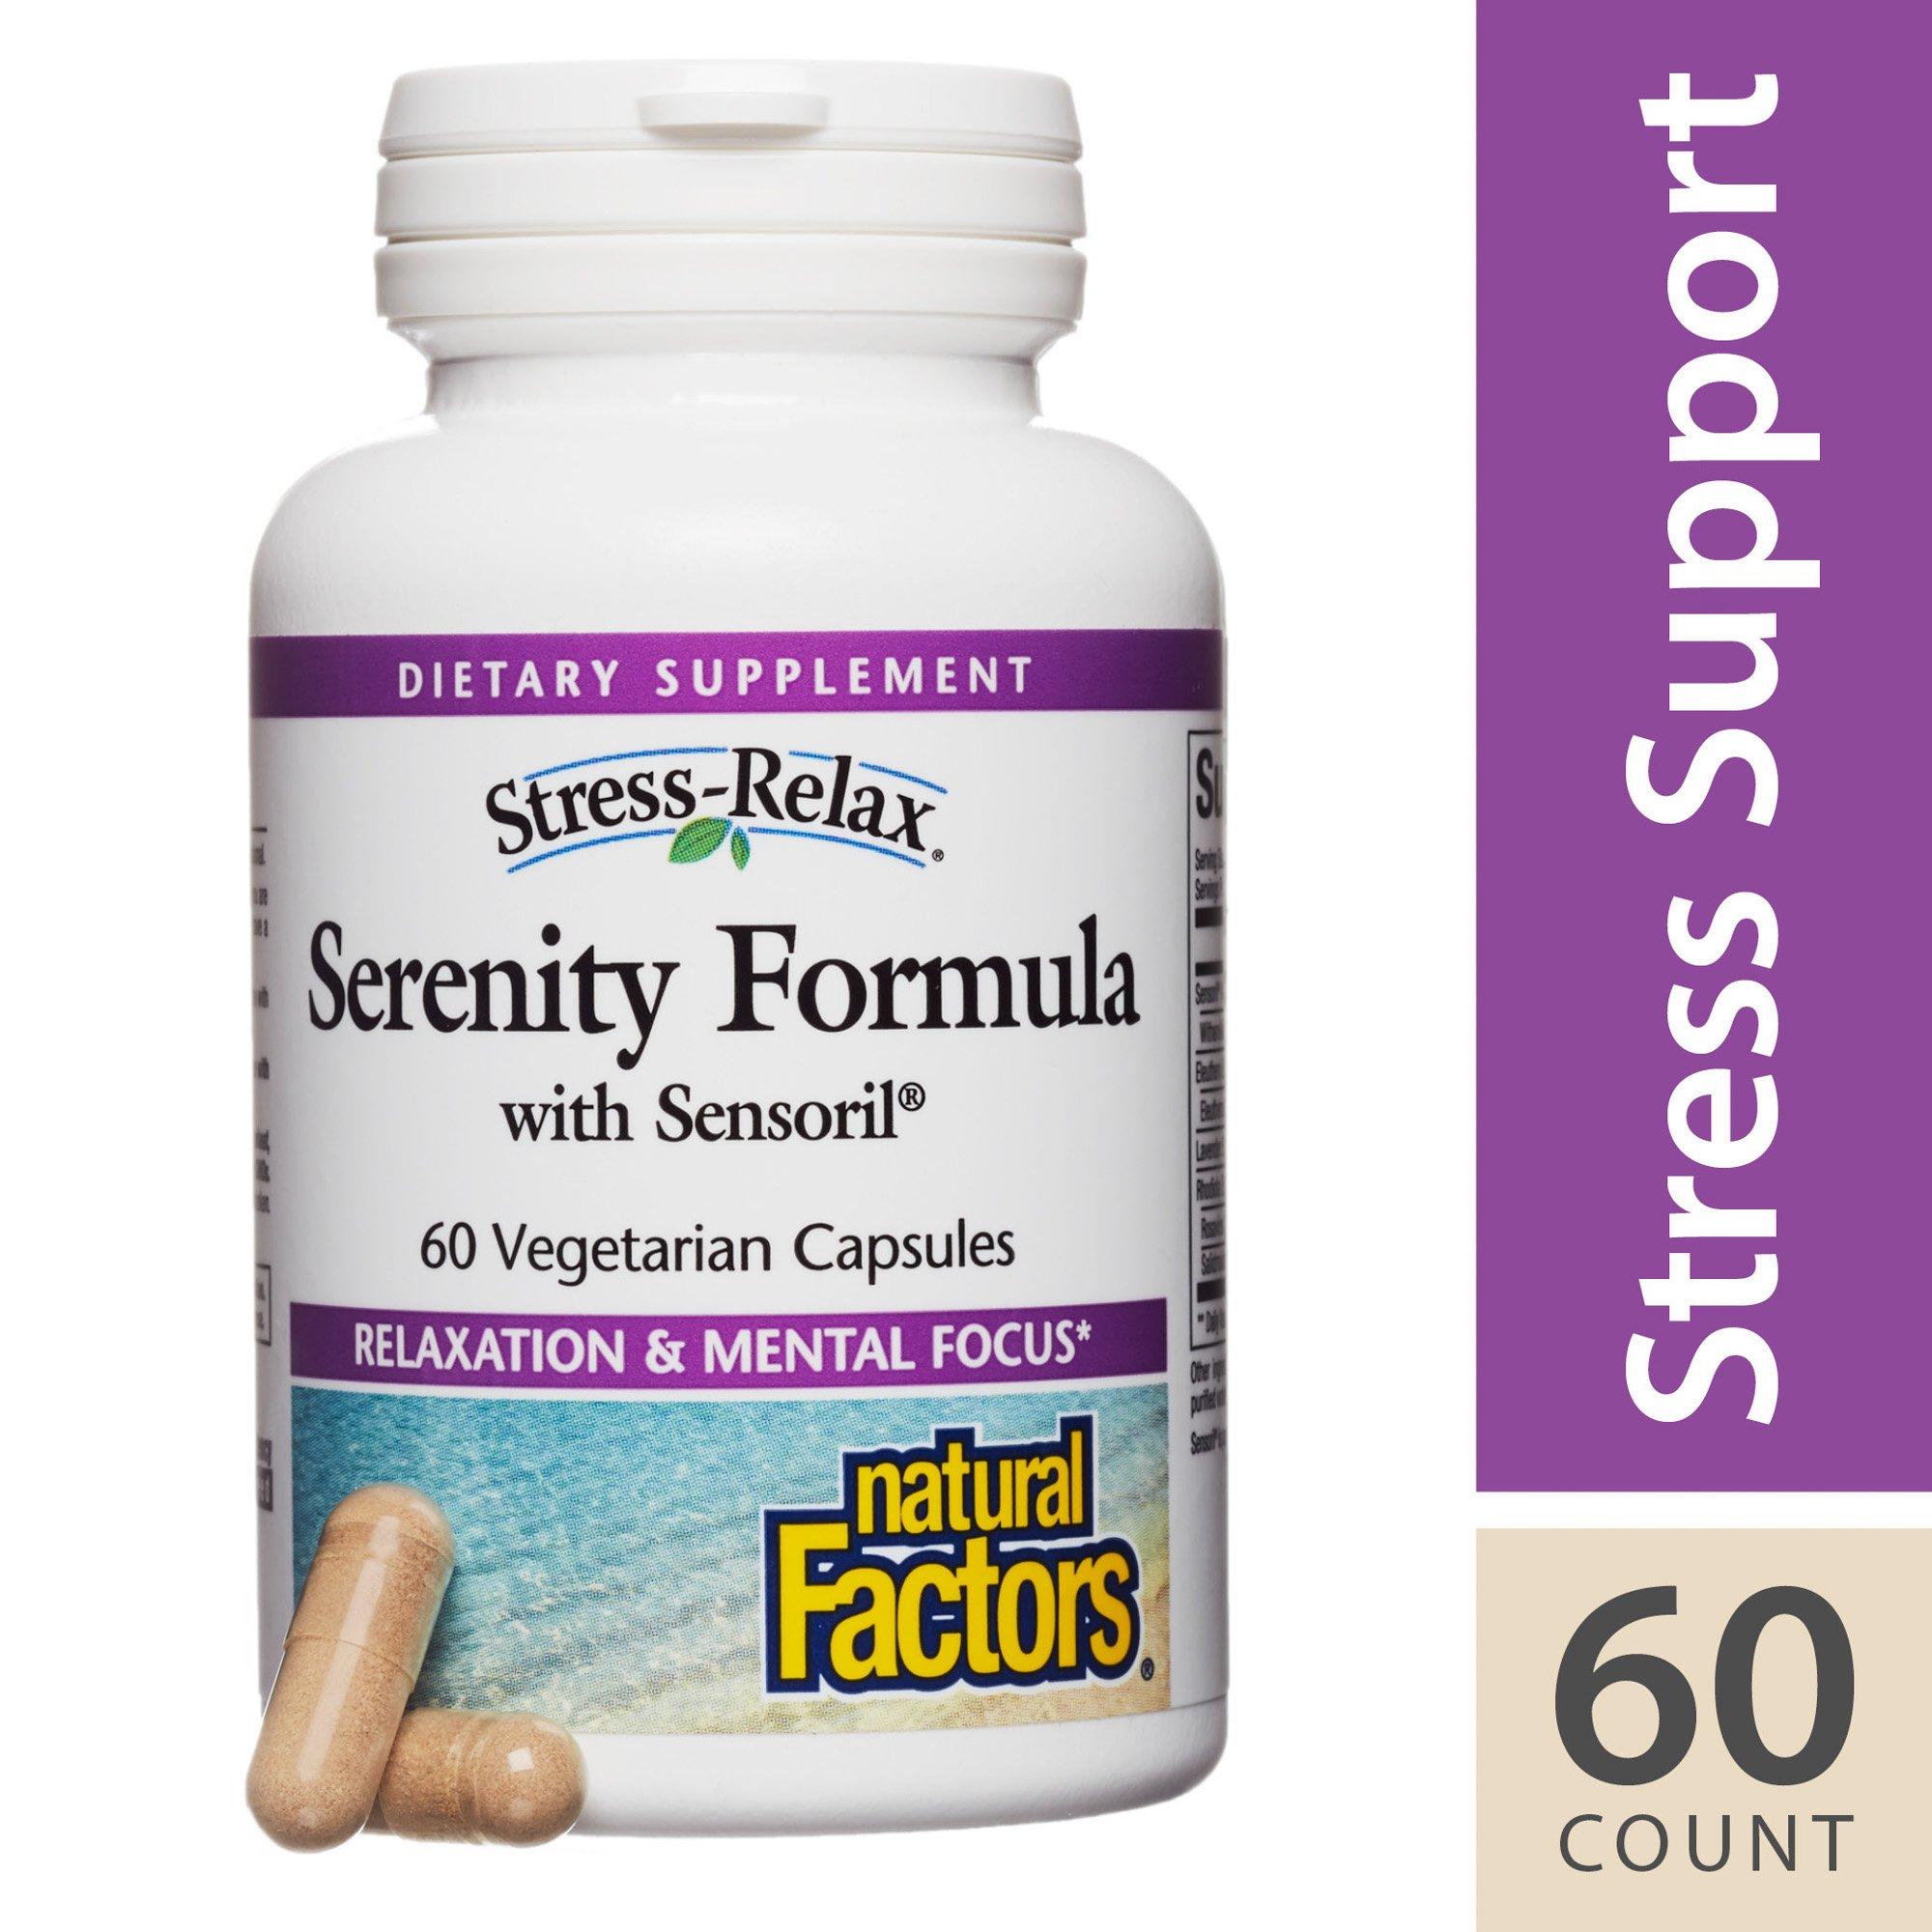 Natural Factors - Stress-Relax Serenity Formula with Sensoril, Herbal Formulation, 60 Vegetarian Capsules